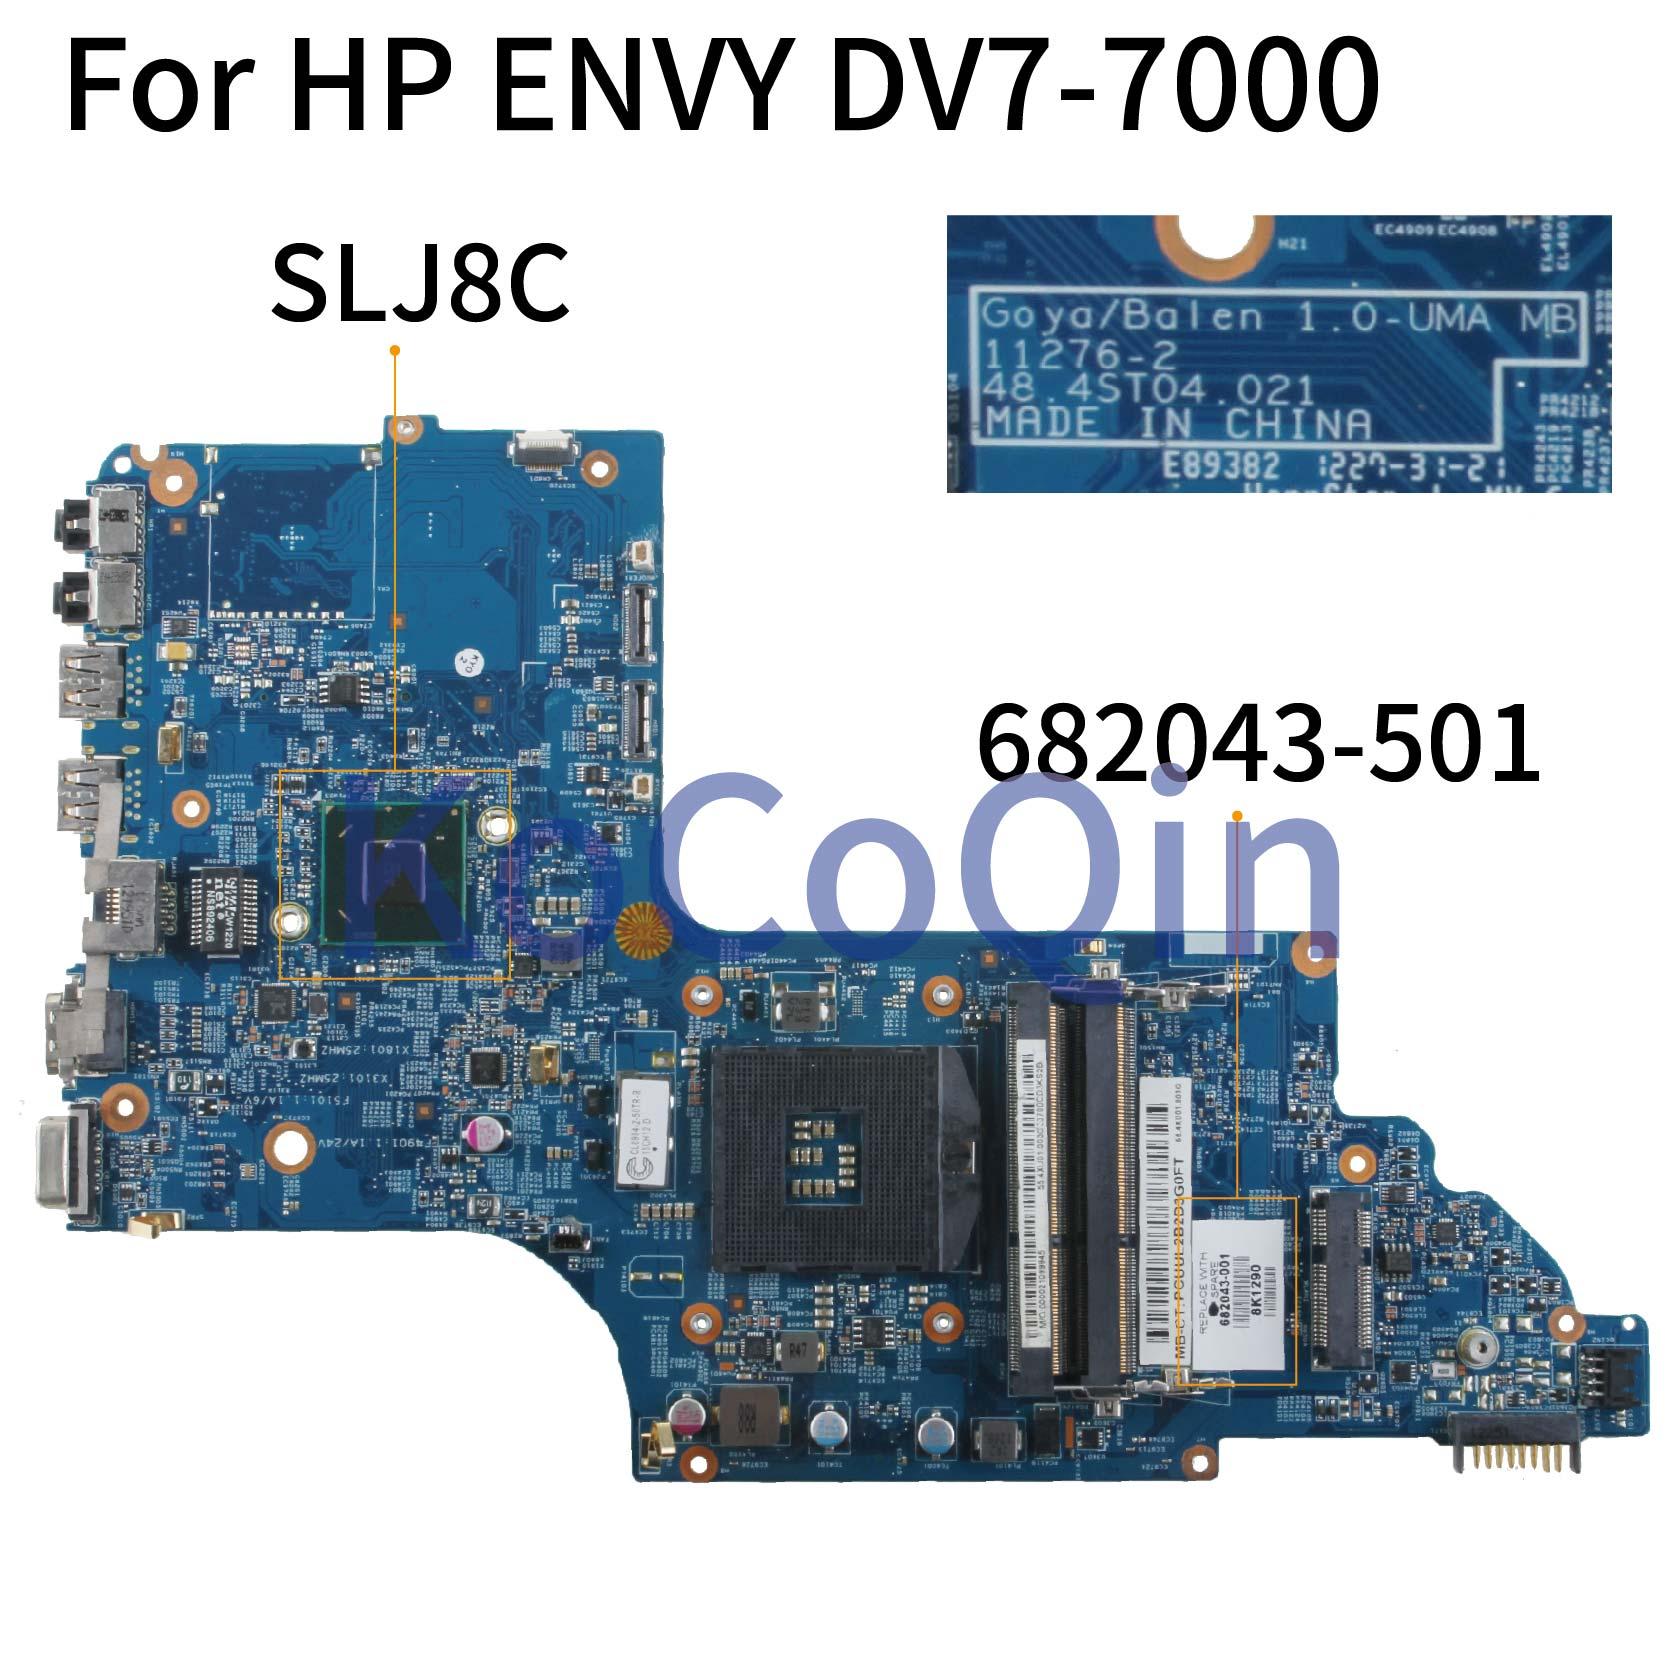 KoCoQin carte mère D'ordinateur Portable Pour HP ENVY DV7 DV7T DV7-7000 HM77 Carte Mère 682043-001 682043-501 11276-2 48.4ST04.021 SLJ8C